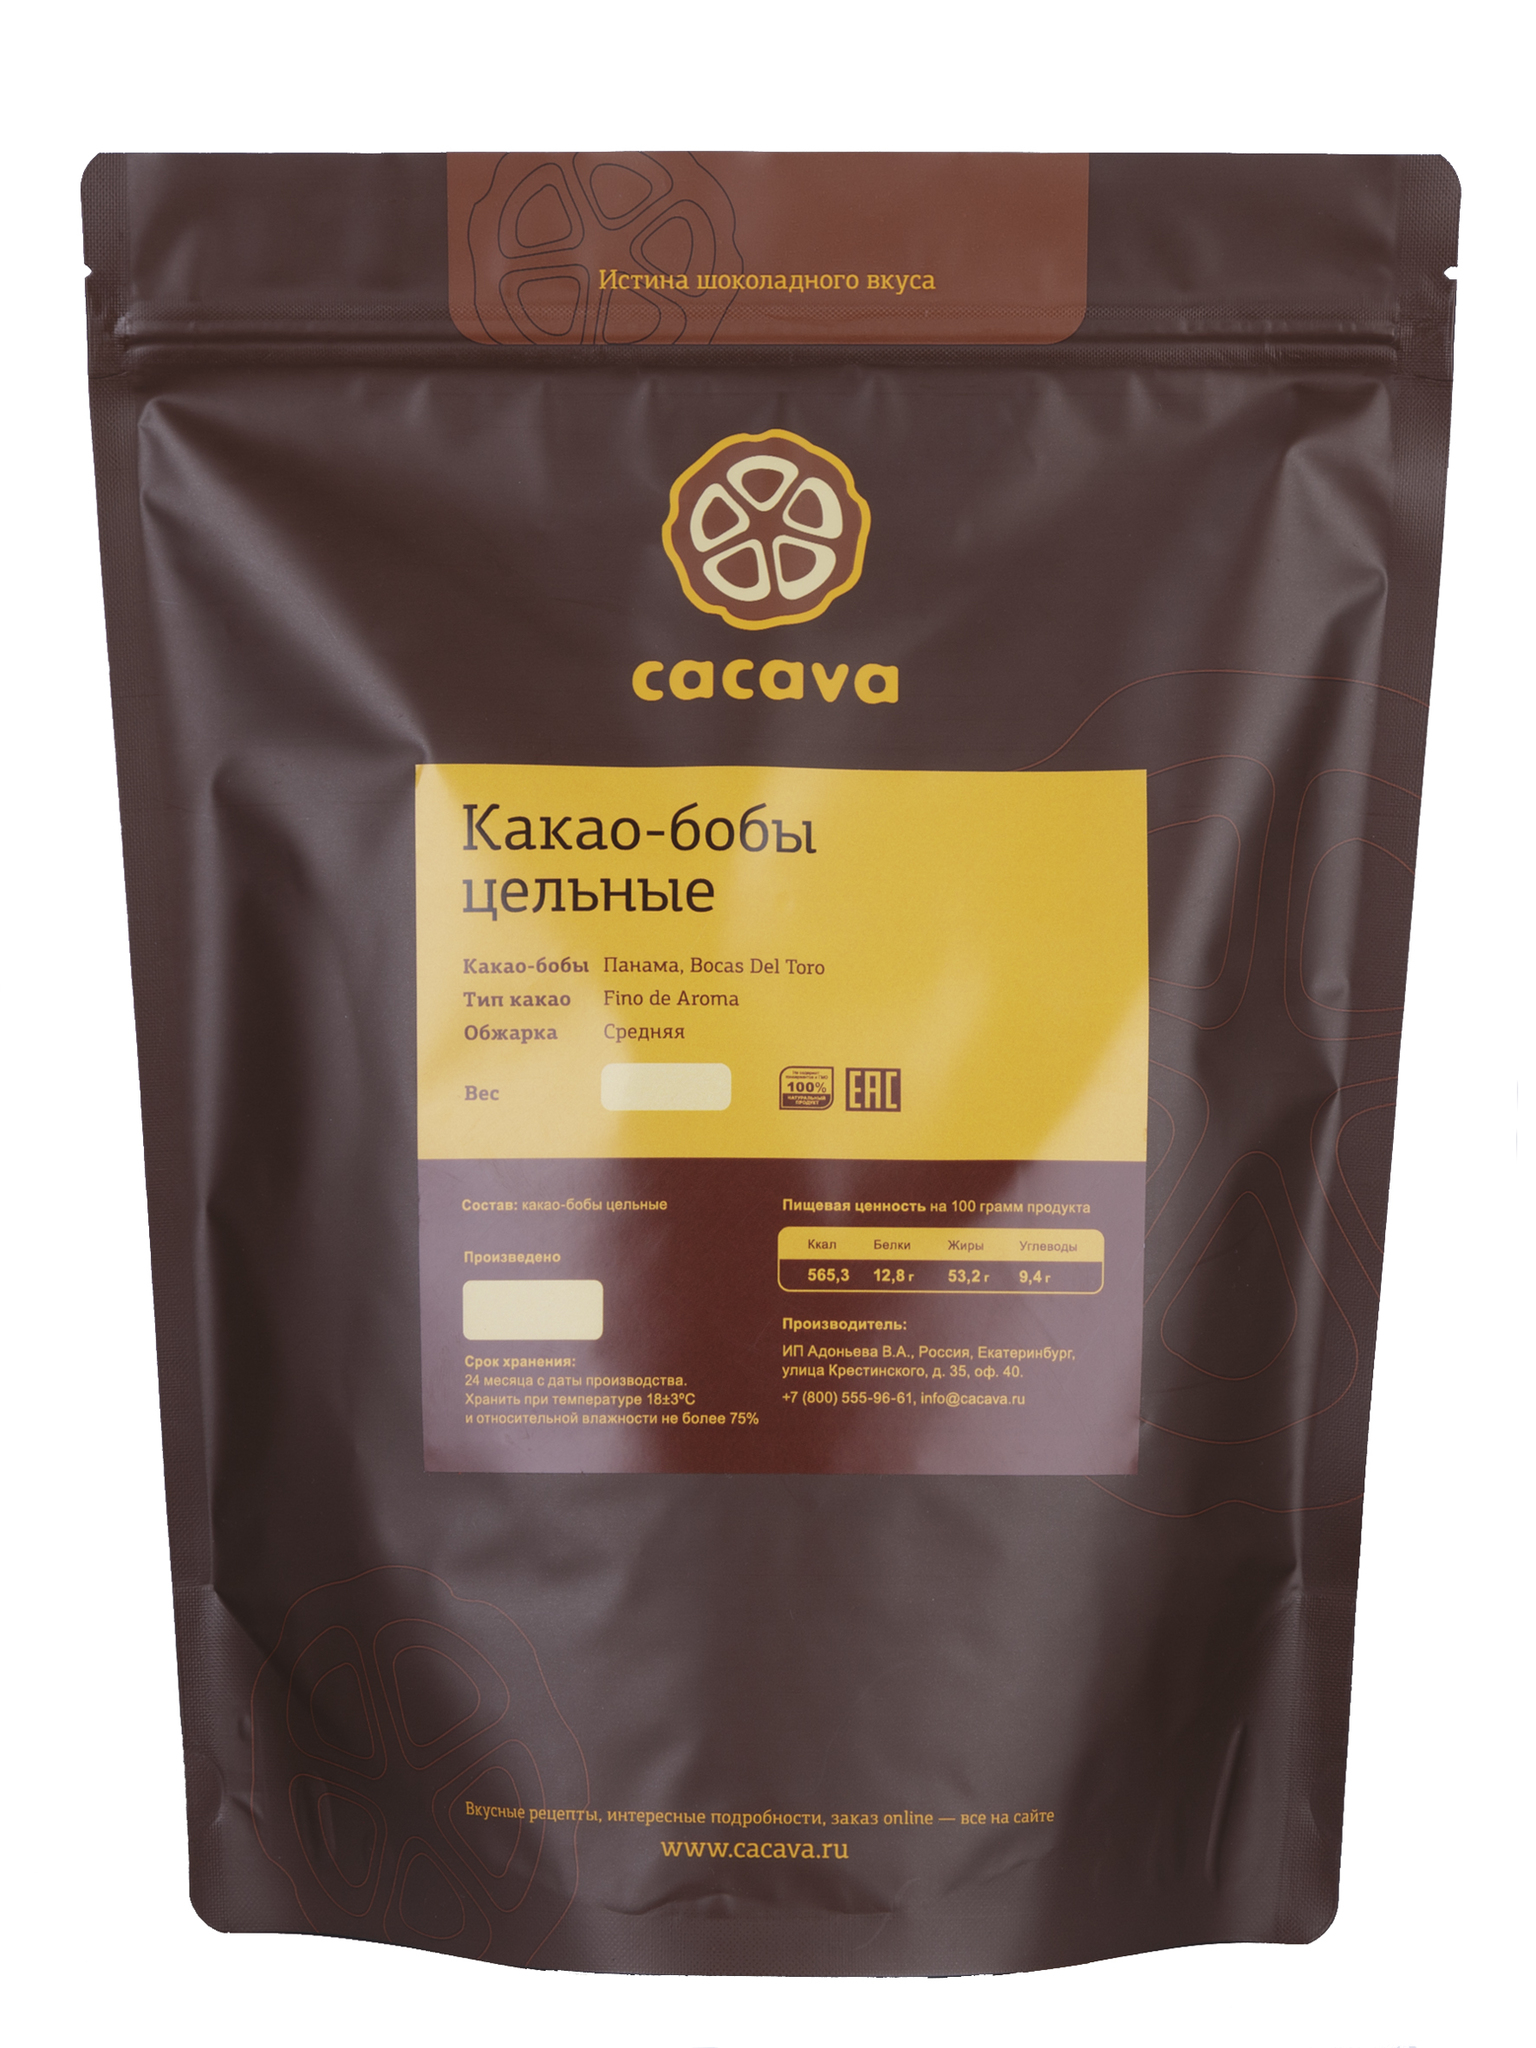 Какао-бобы цельные (Панама), упаковка 1 и 3 кг